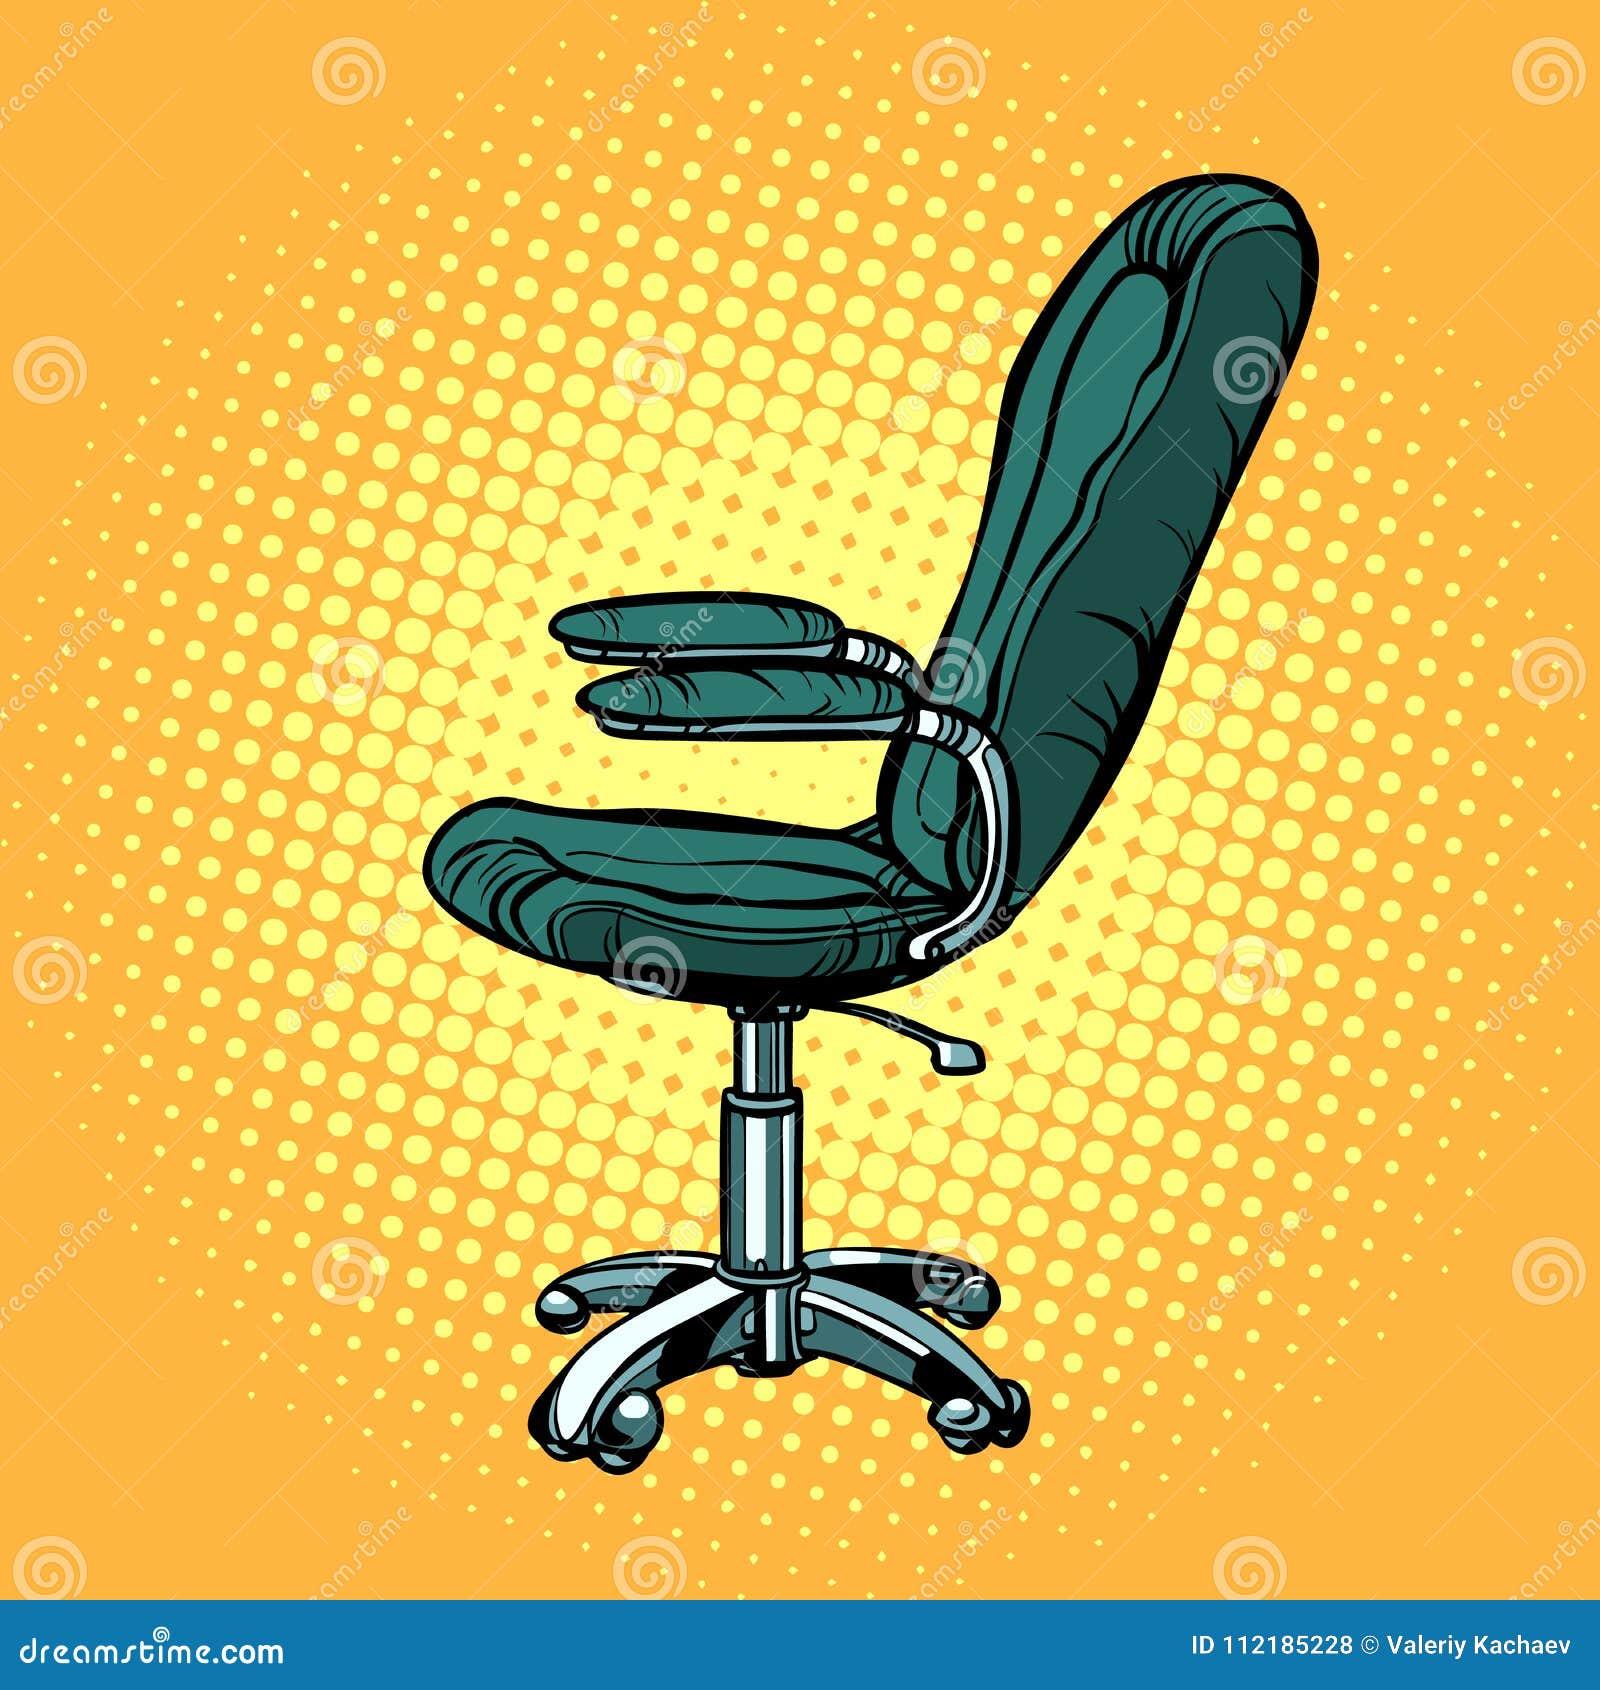 Bürostuhl comic  Bürostuhl, Möbel Für Arbeit Und Geschäft Vektor Abbildung ...